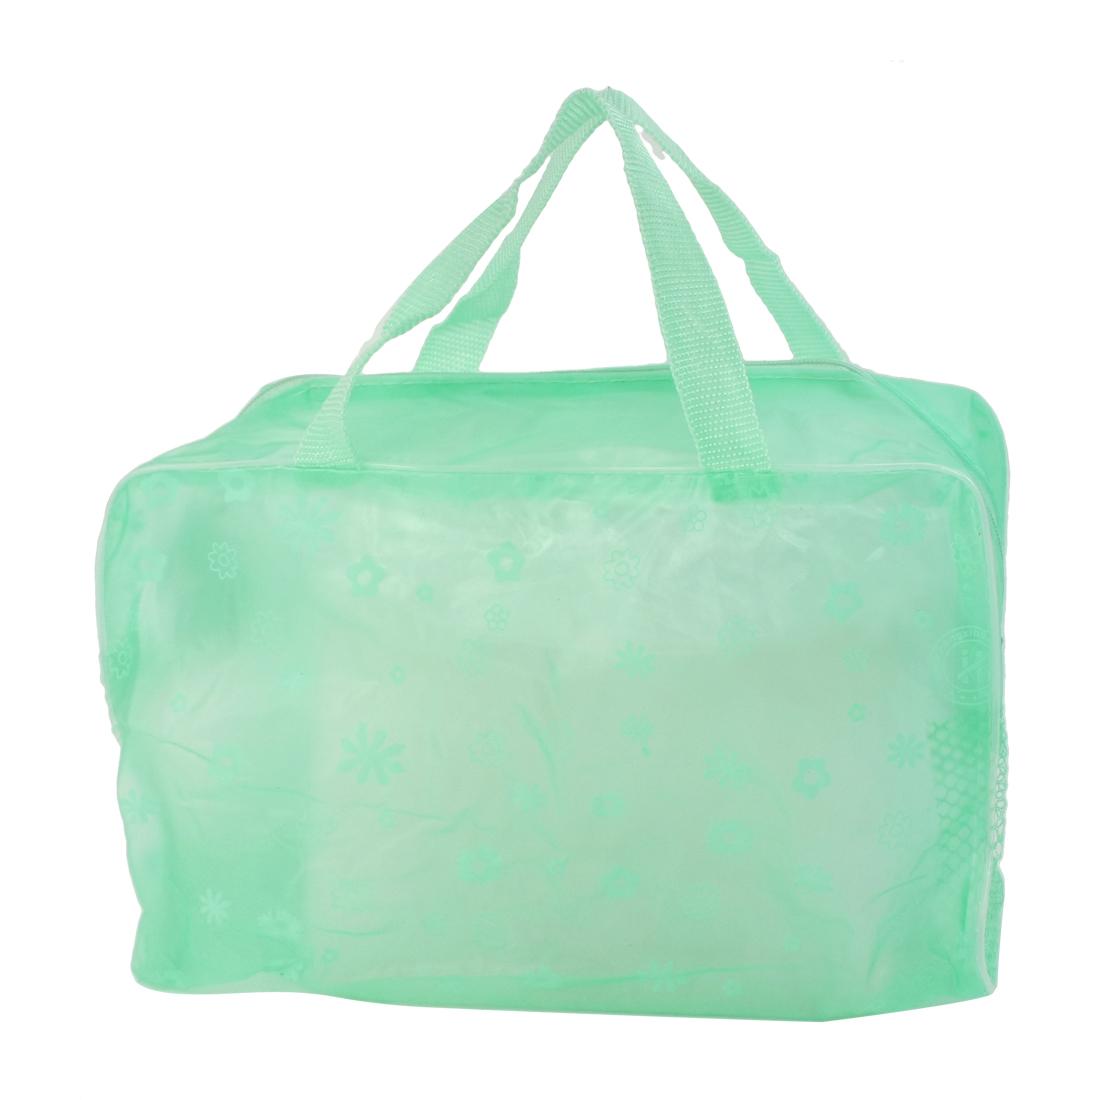 Bathroom Household Polyethylene Flower Pattern Zippered Mesh Shower Bag Green